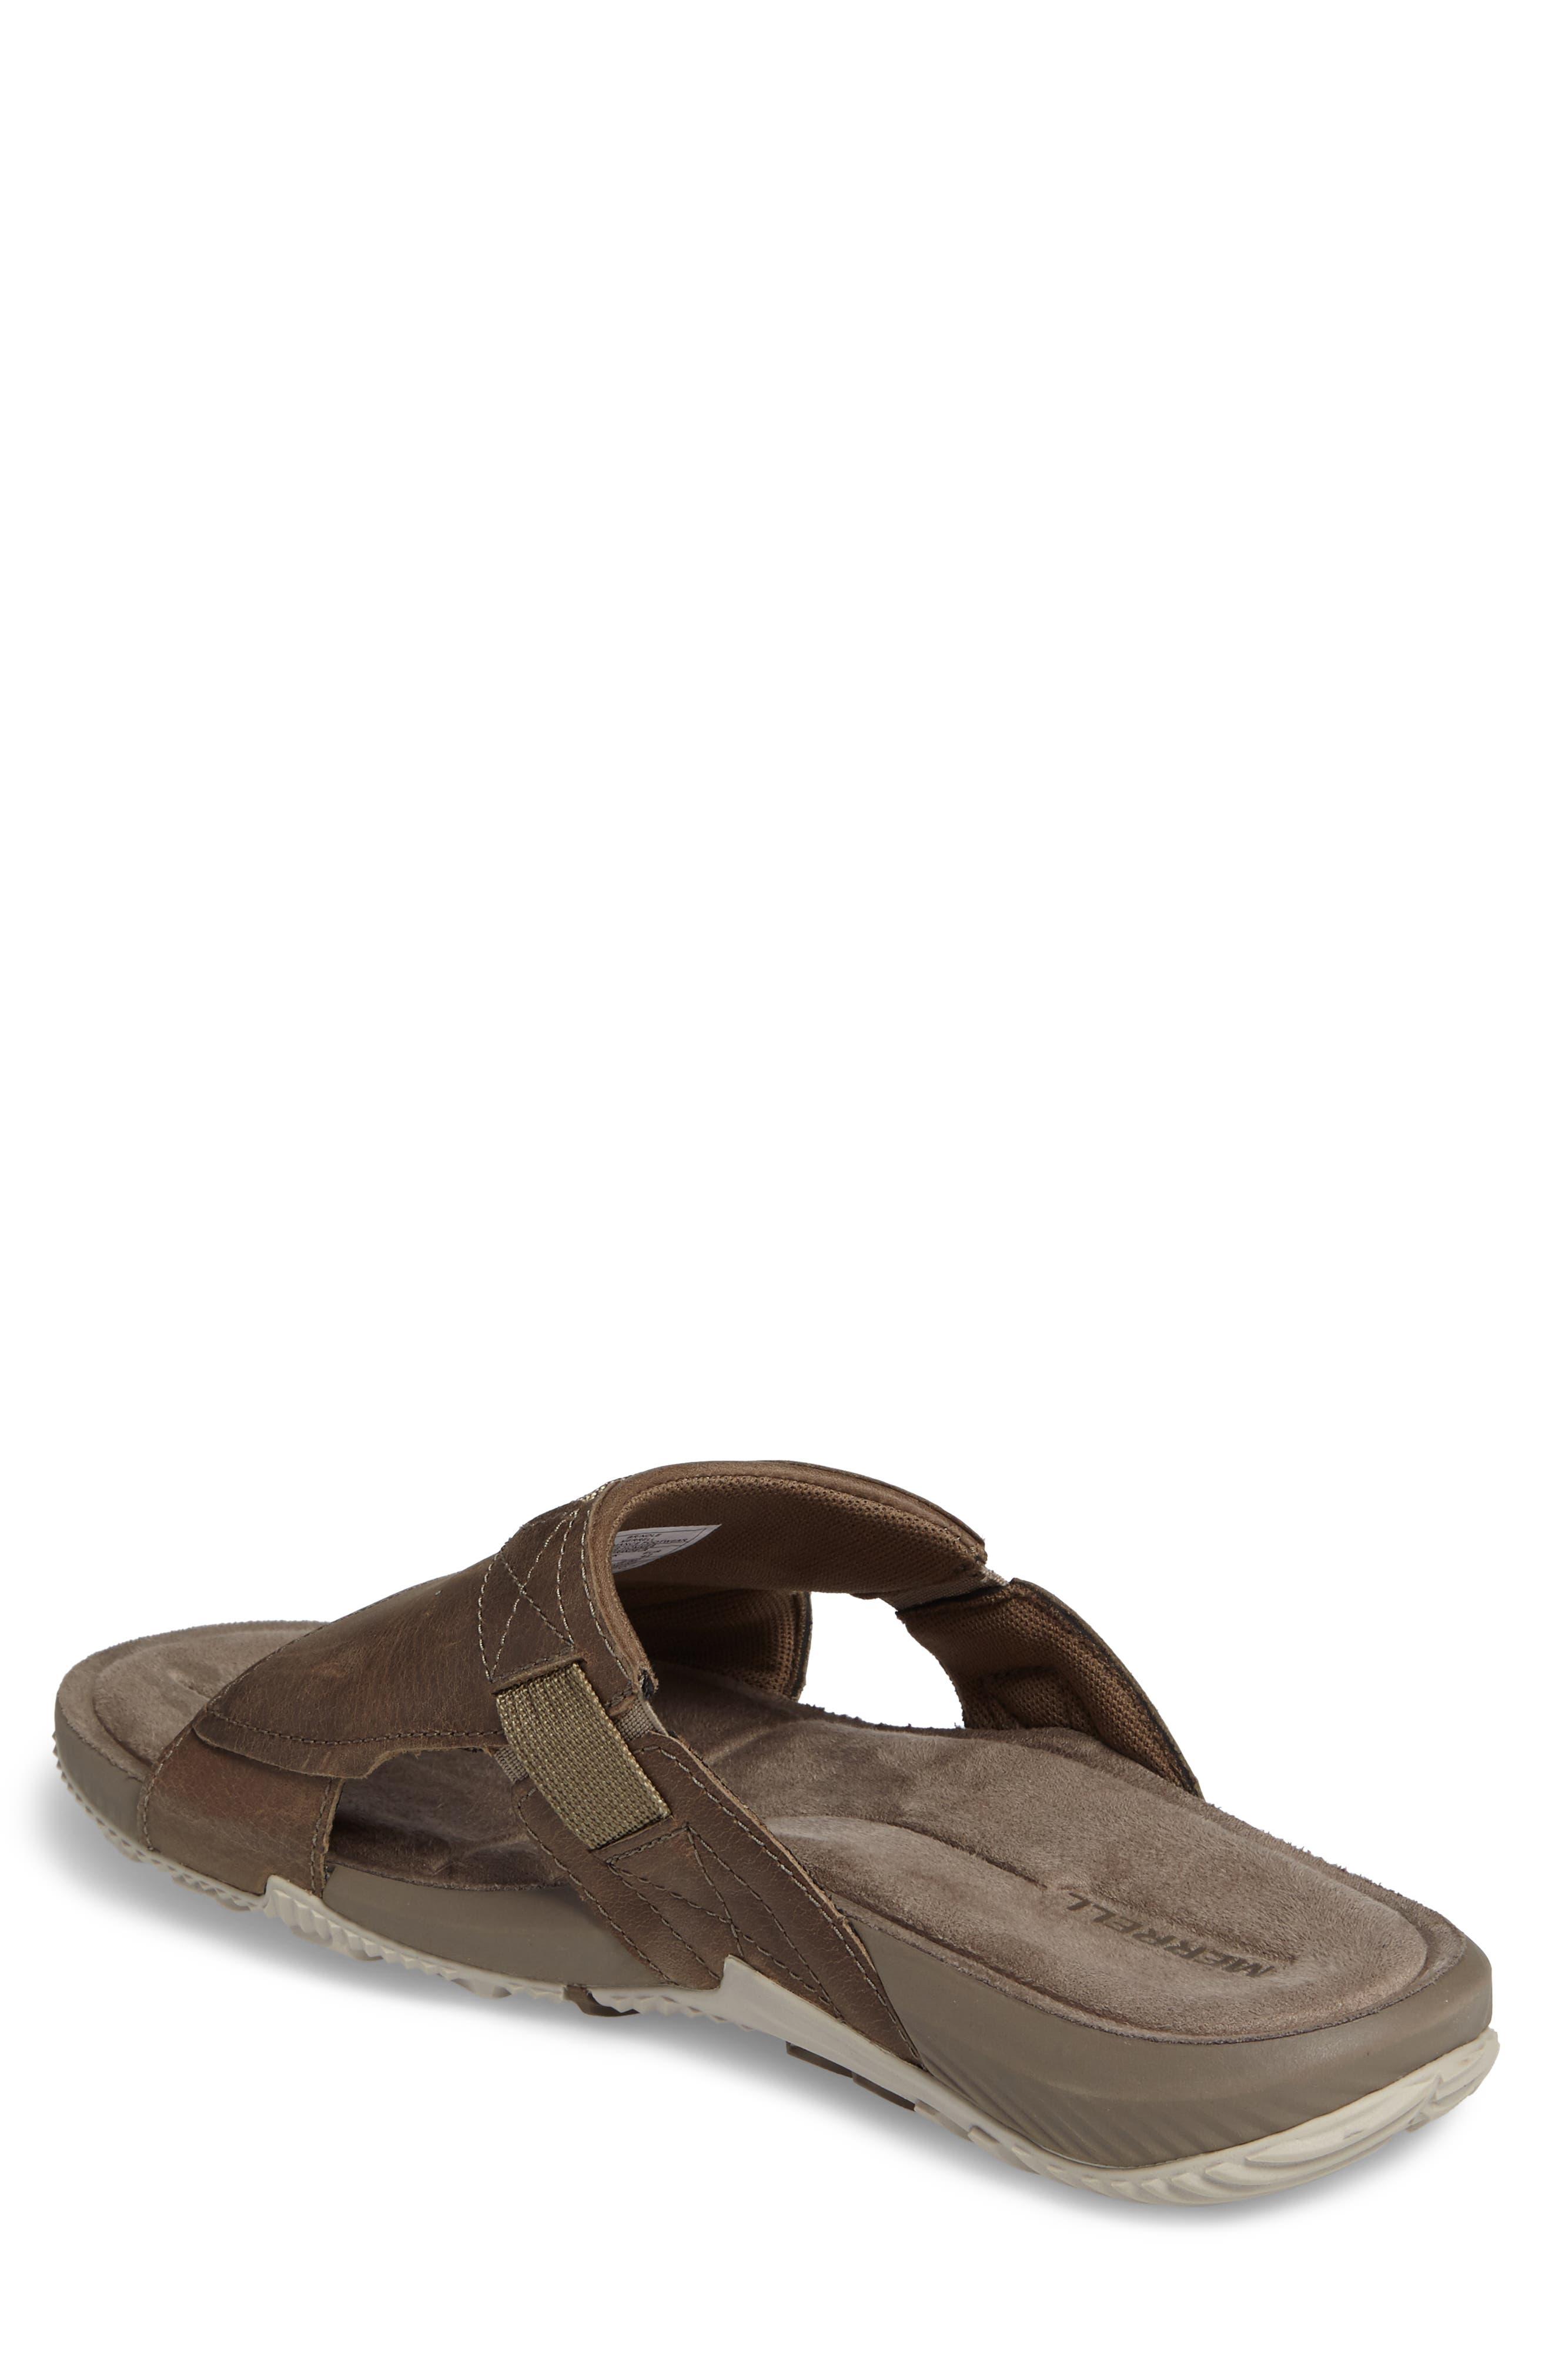 Alternate Image 2  - Merrell Terrant Slide Sandal (Men)